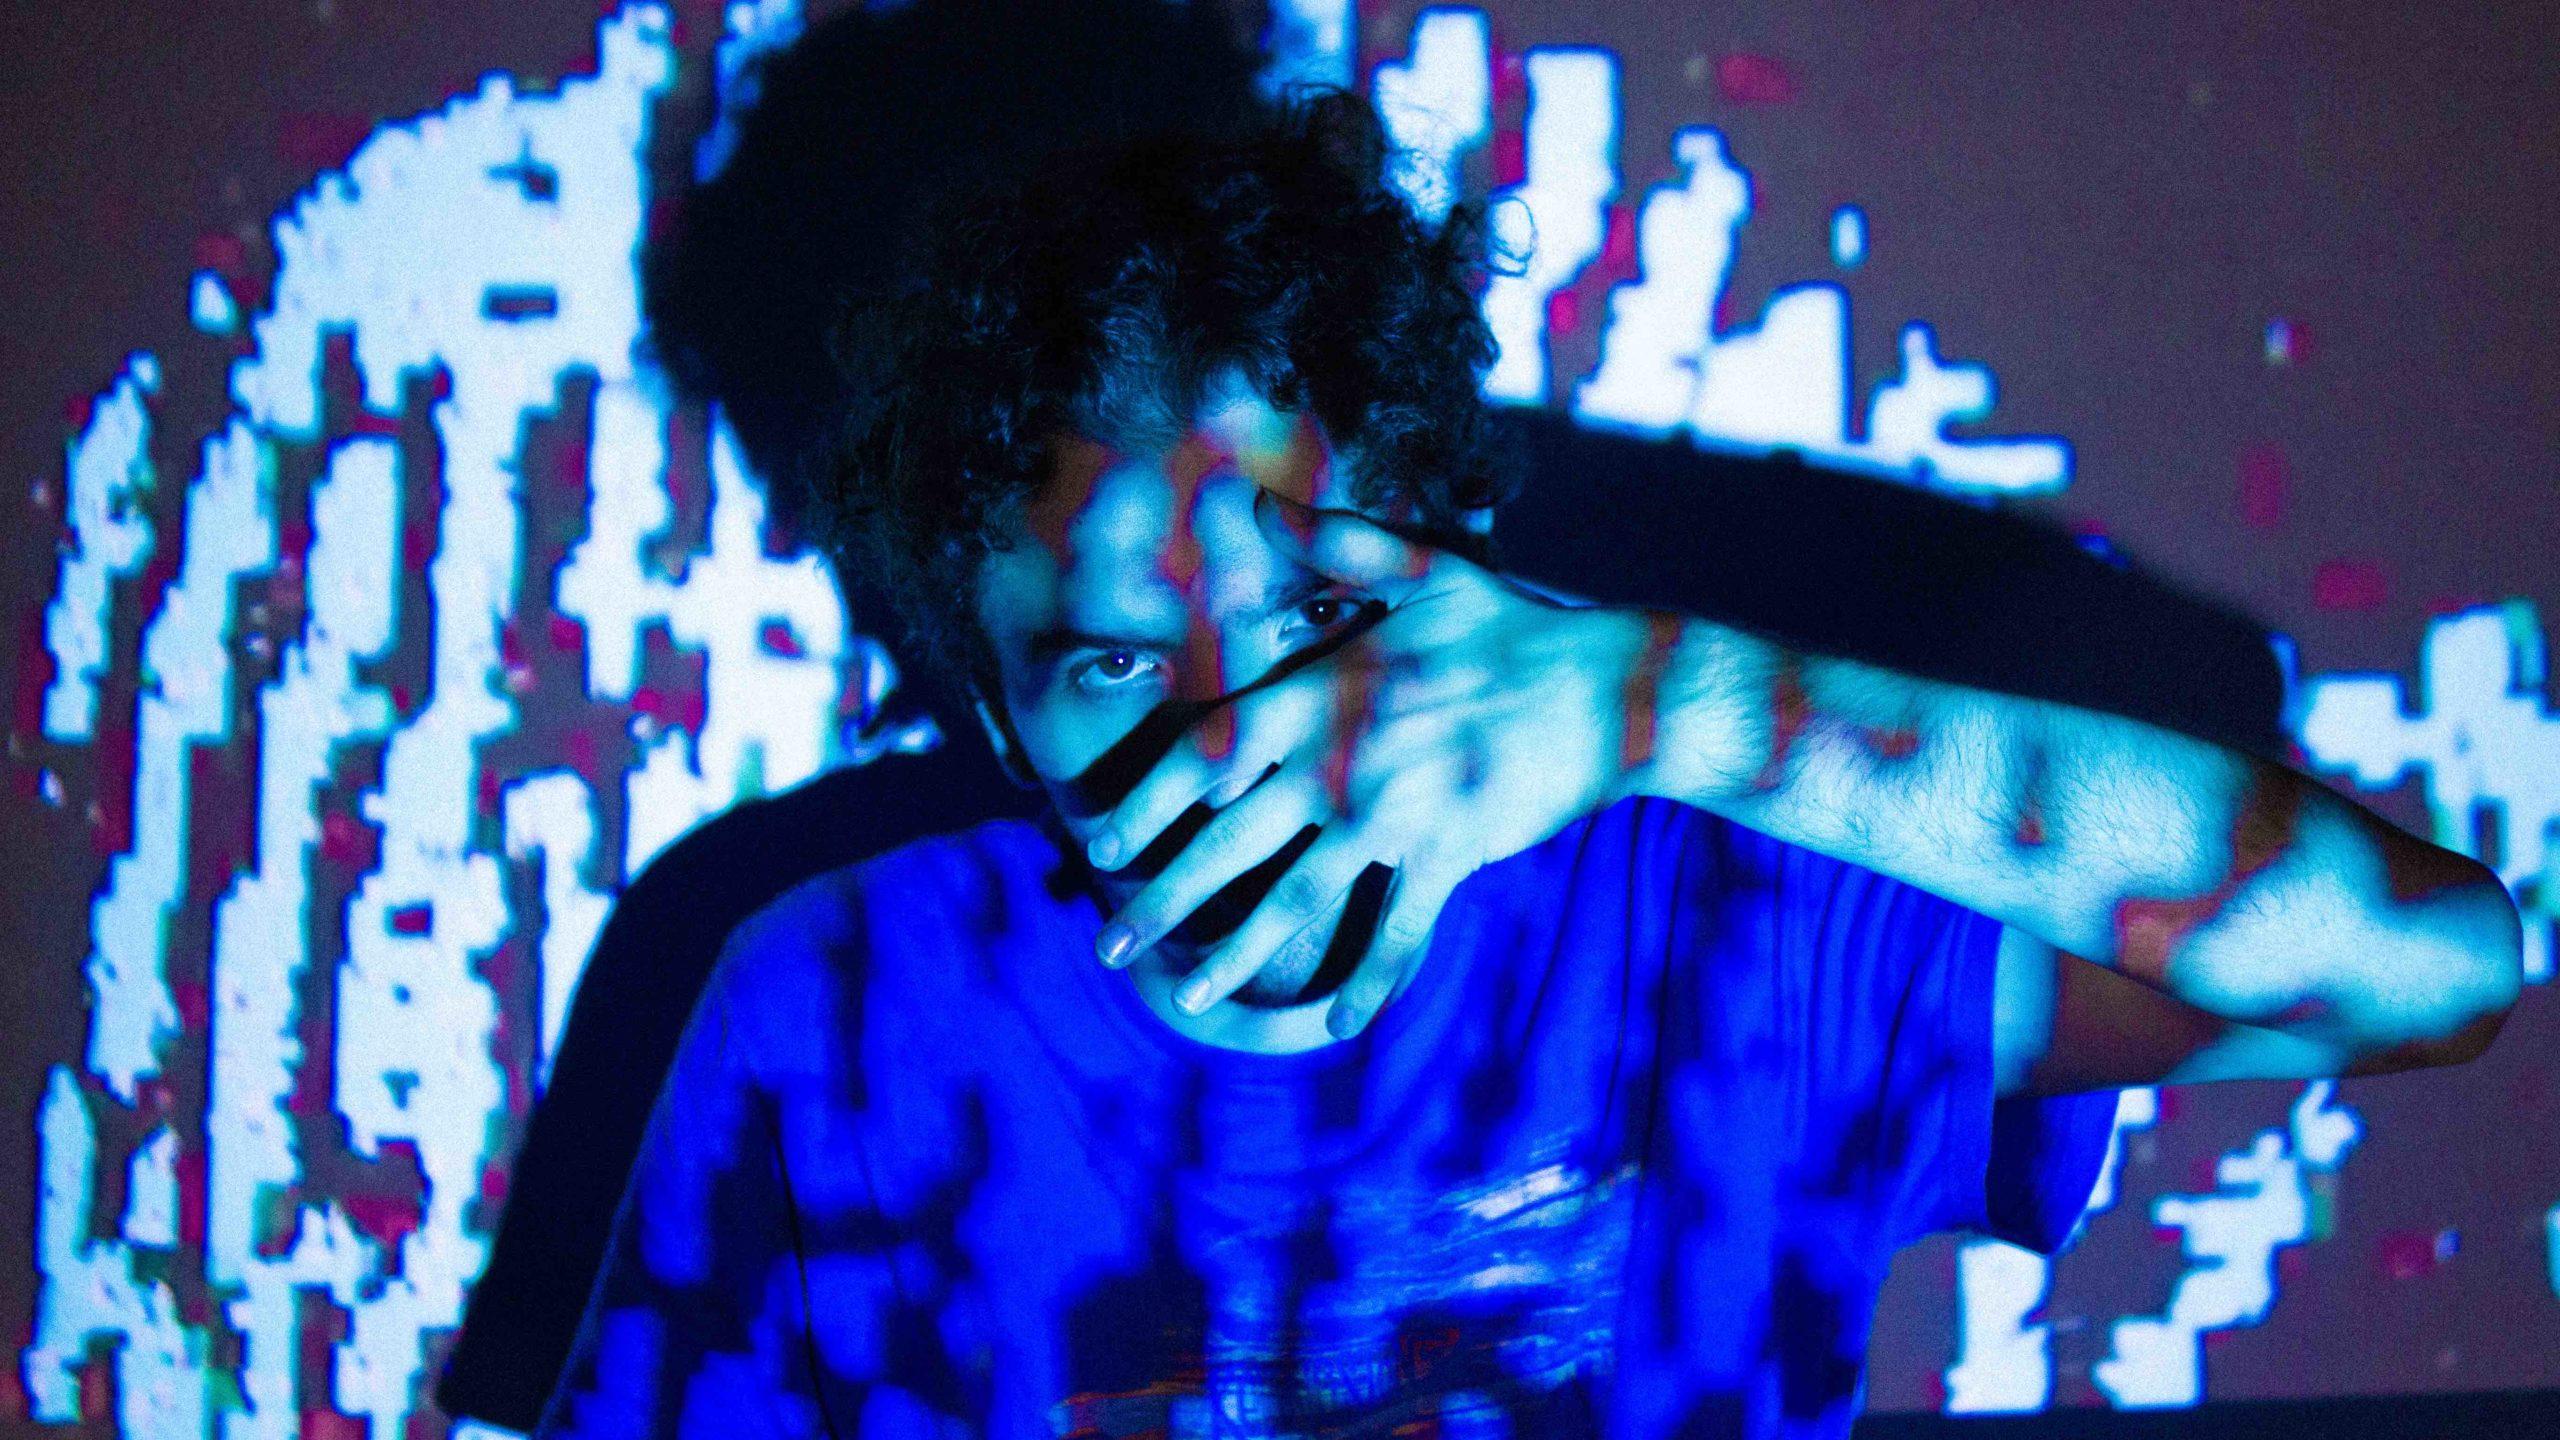 Van Klimen de Argentina estrena EP debut «Hiperreal» (2020)